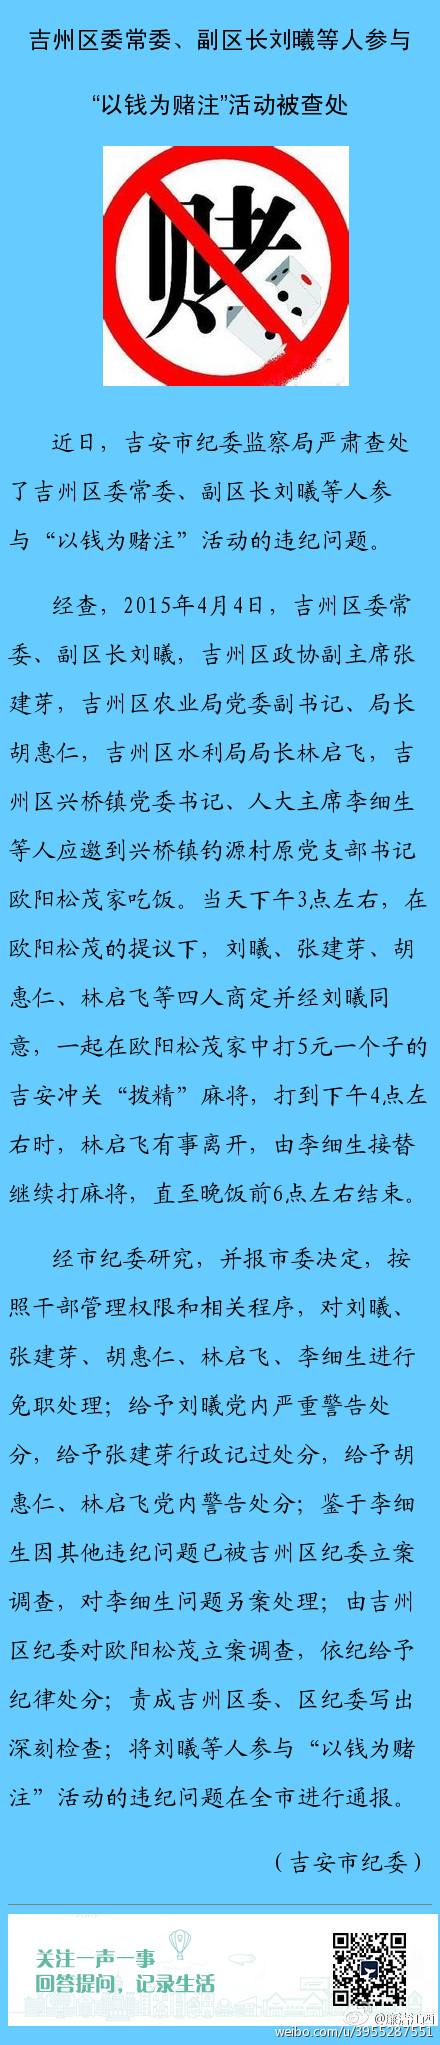 """吉州区委常委、副区长刘曦参与""""以钱为赌注""""活动被免职"""